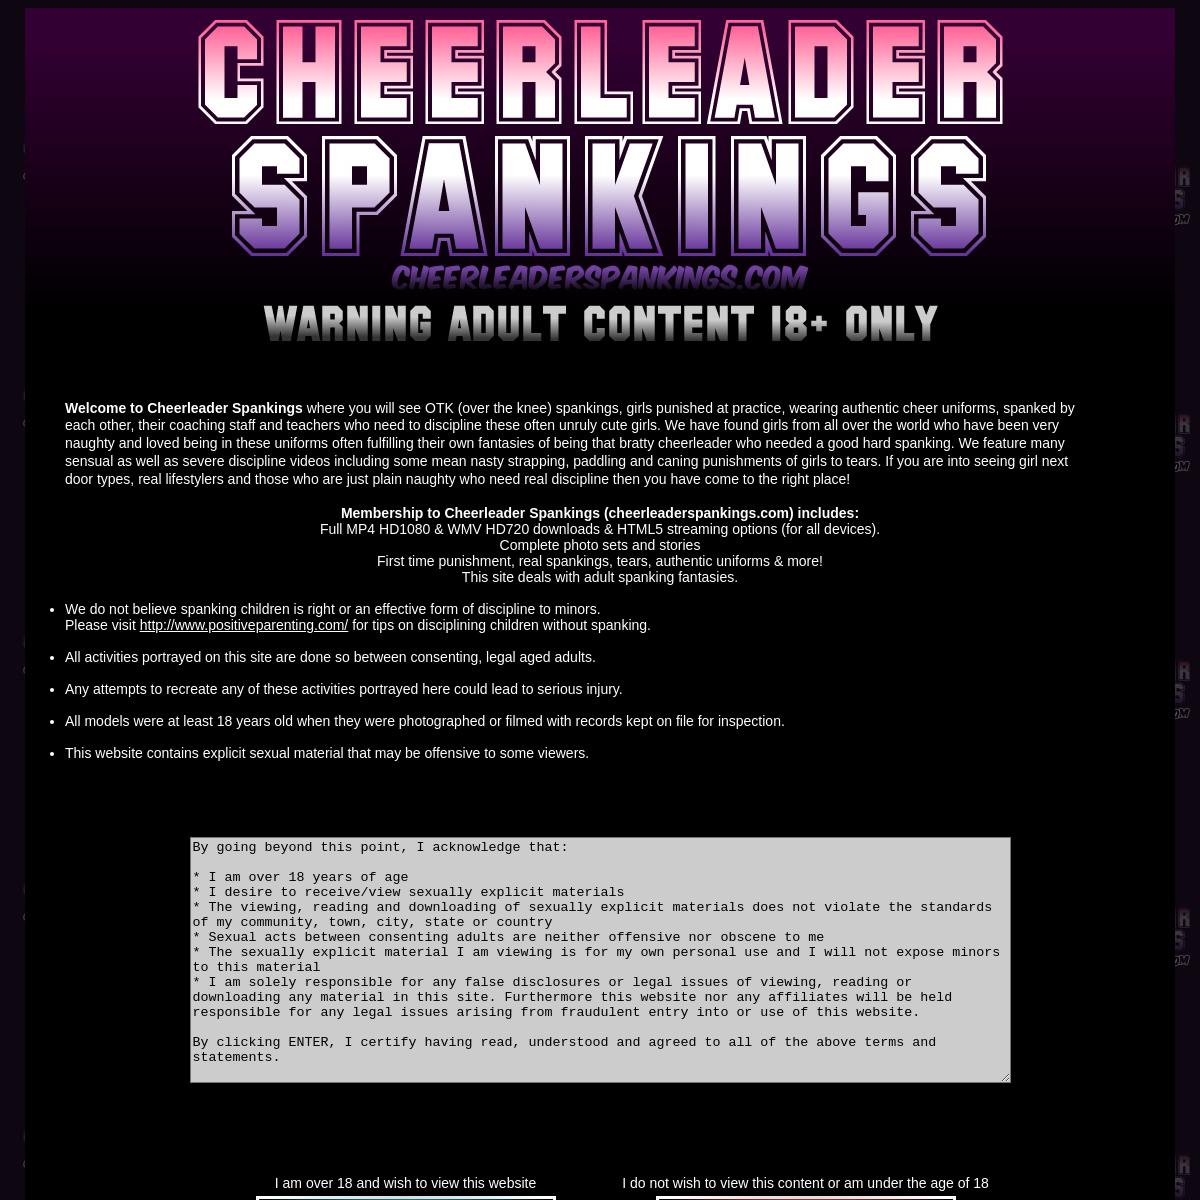 A complete backup of www.cheerleaderspankings.com